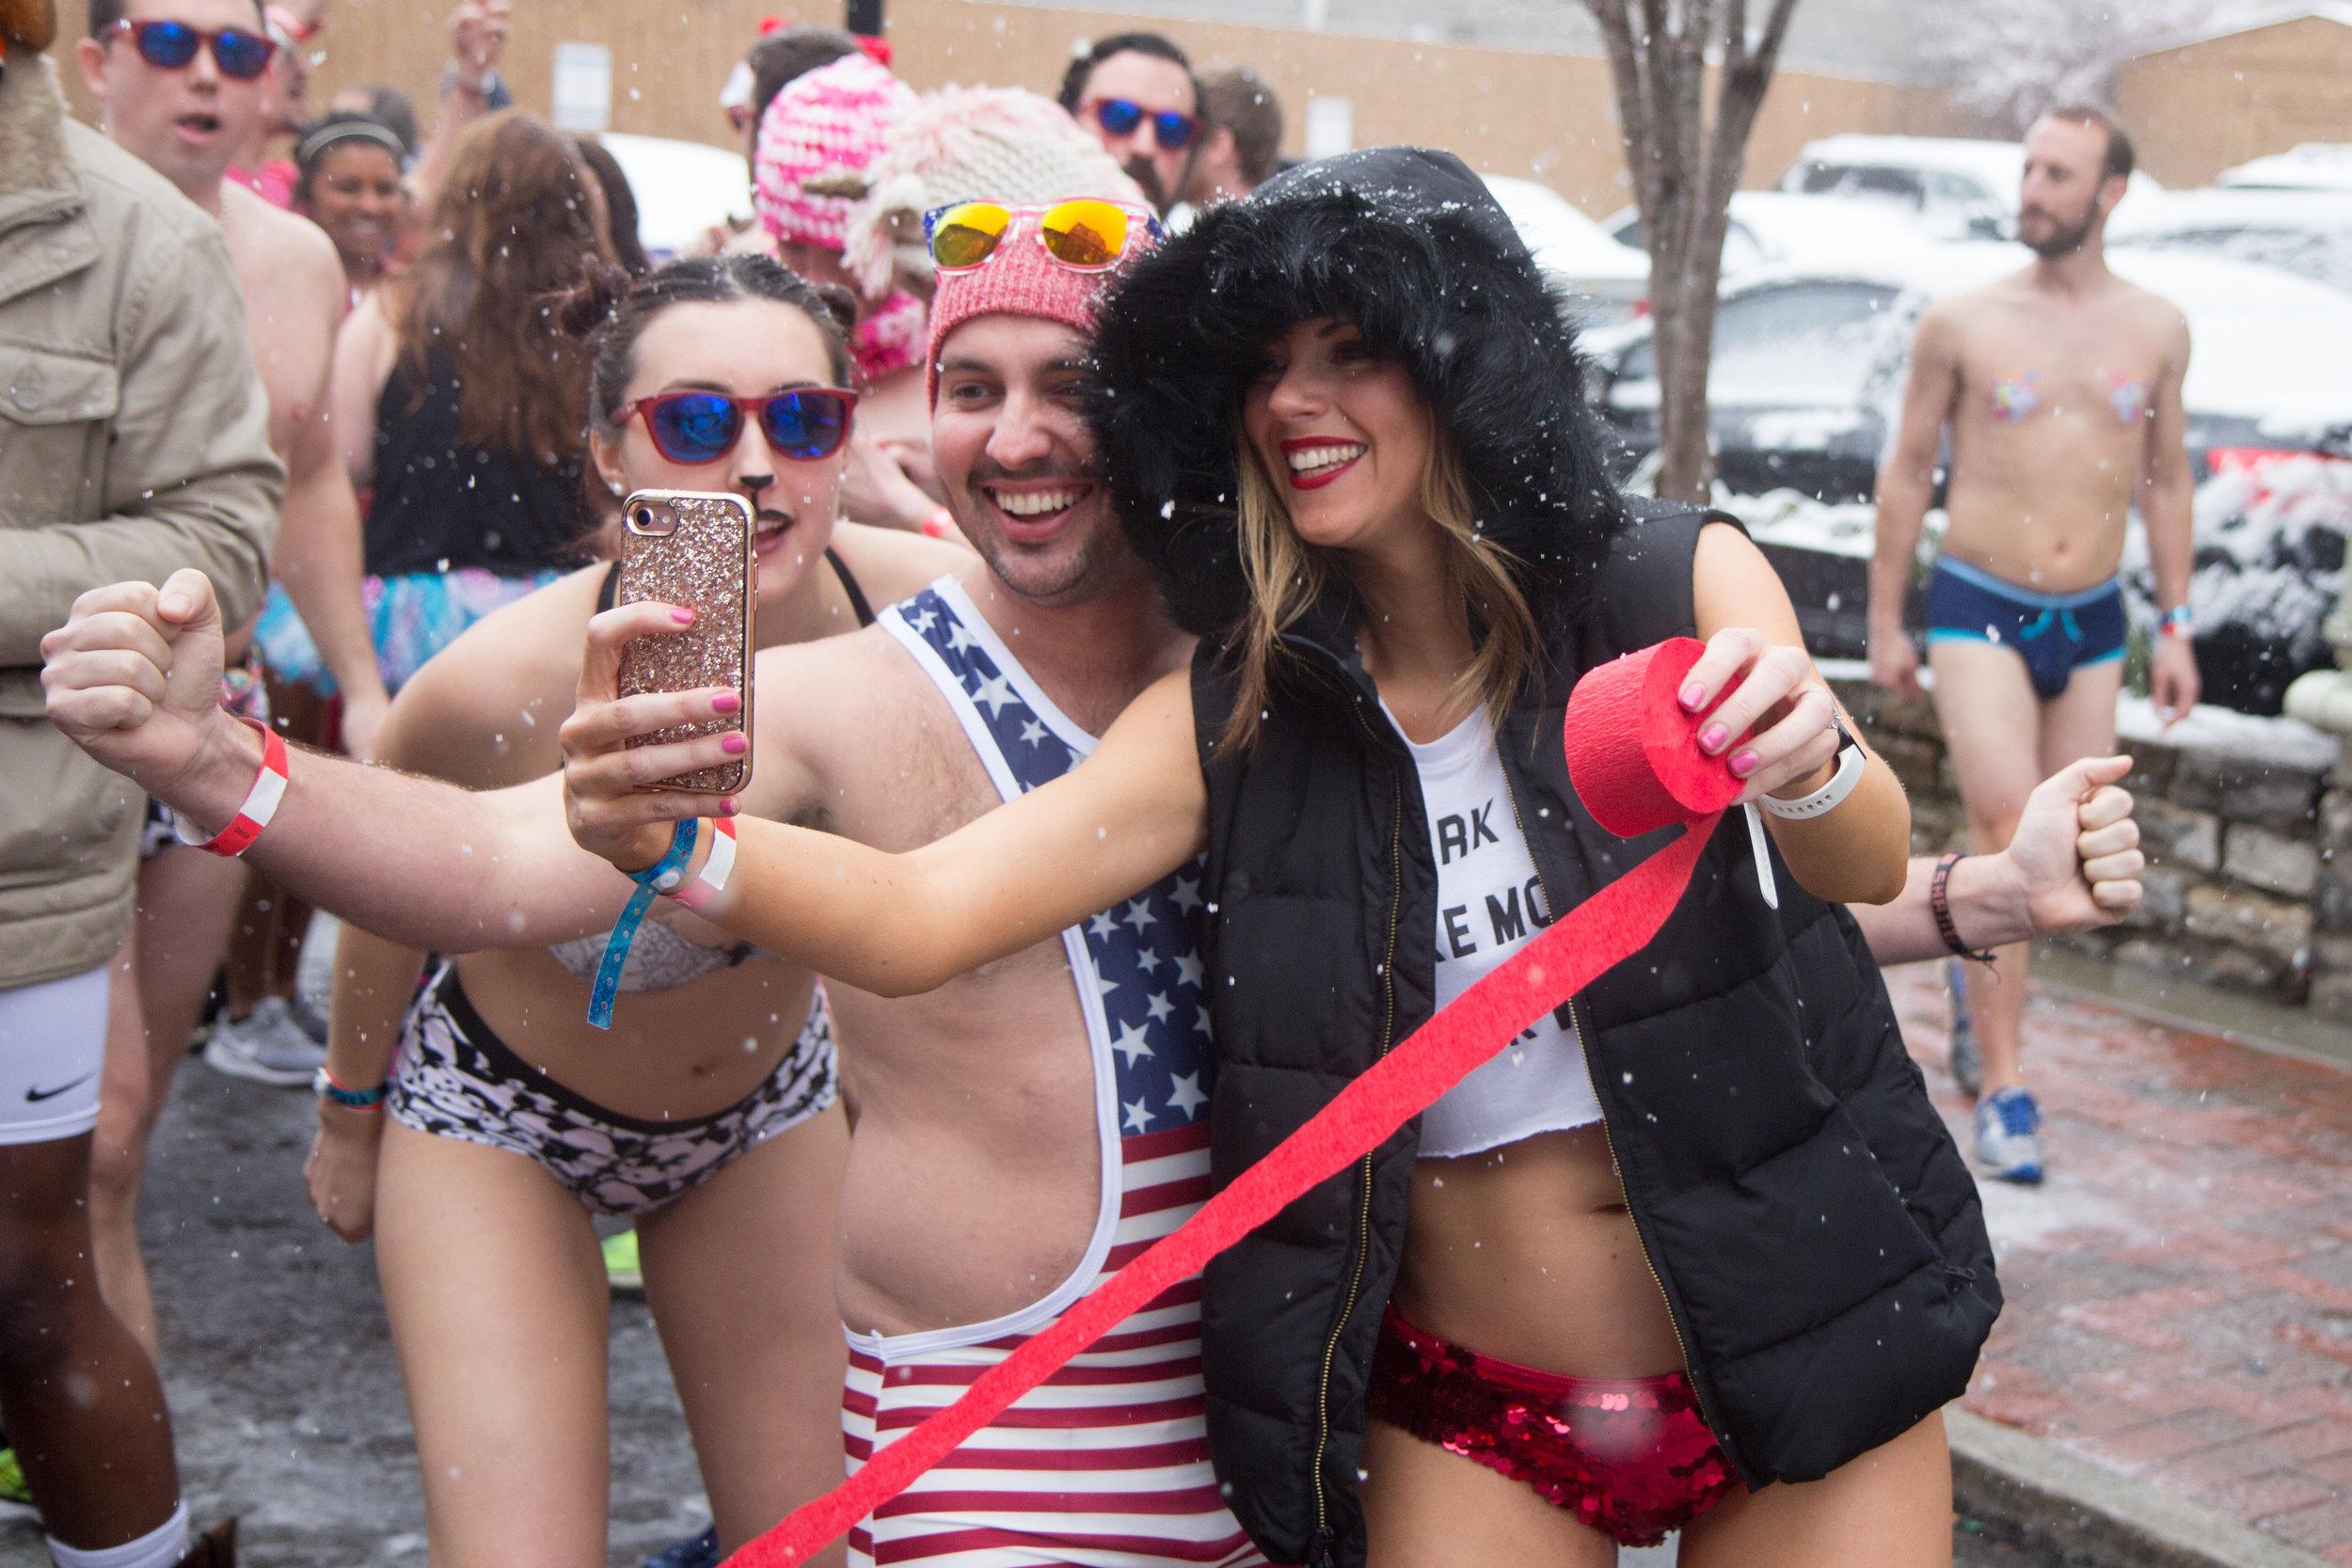 CaseyMillerPhoto - Cupid Undie Run 2018  (90 of 252).jpg